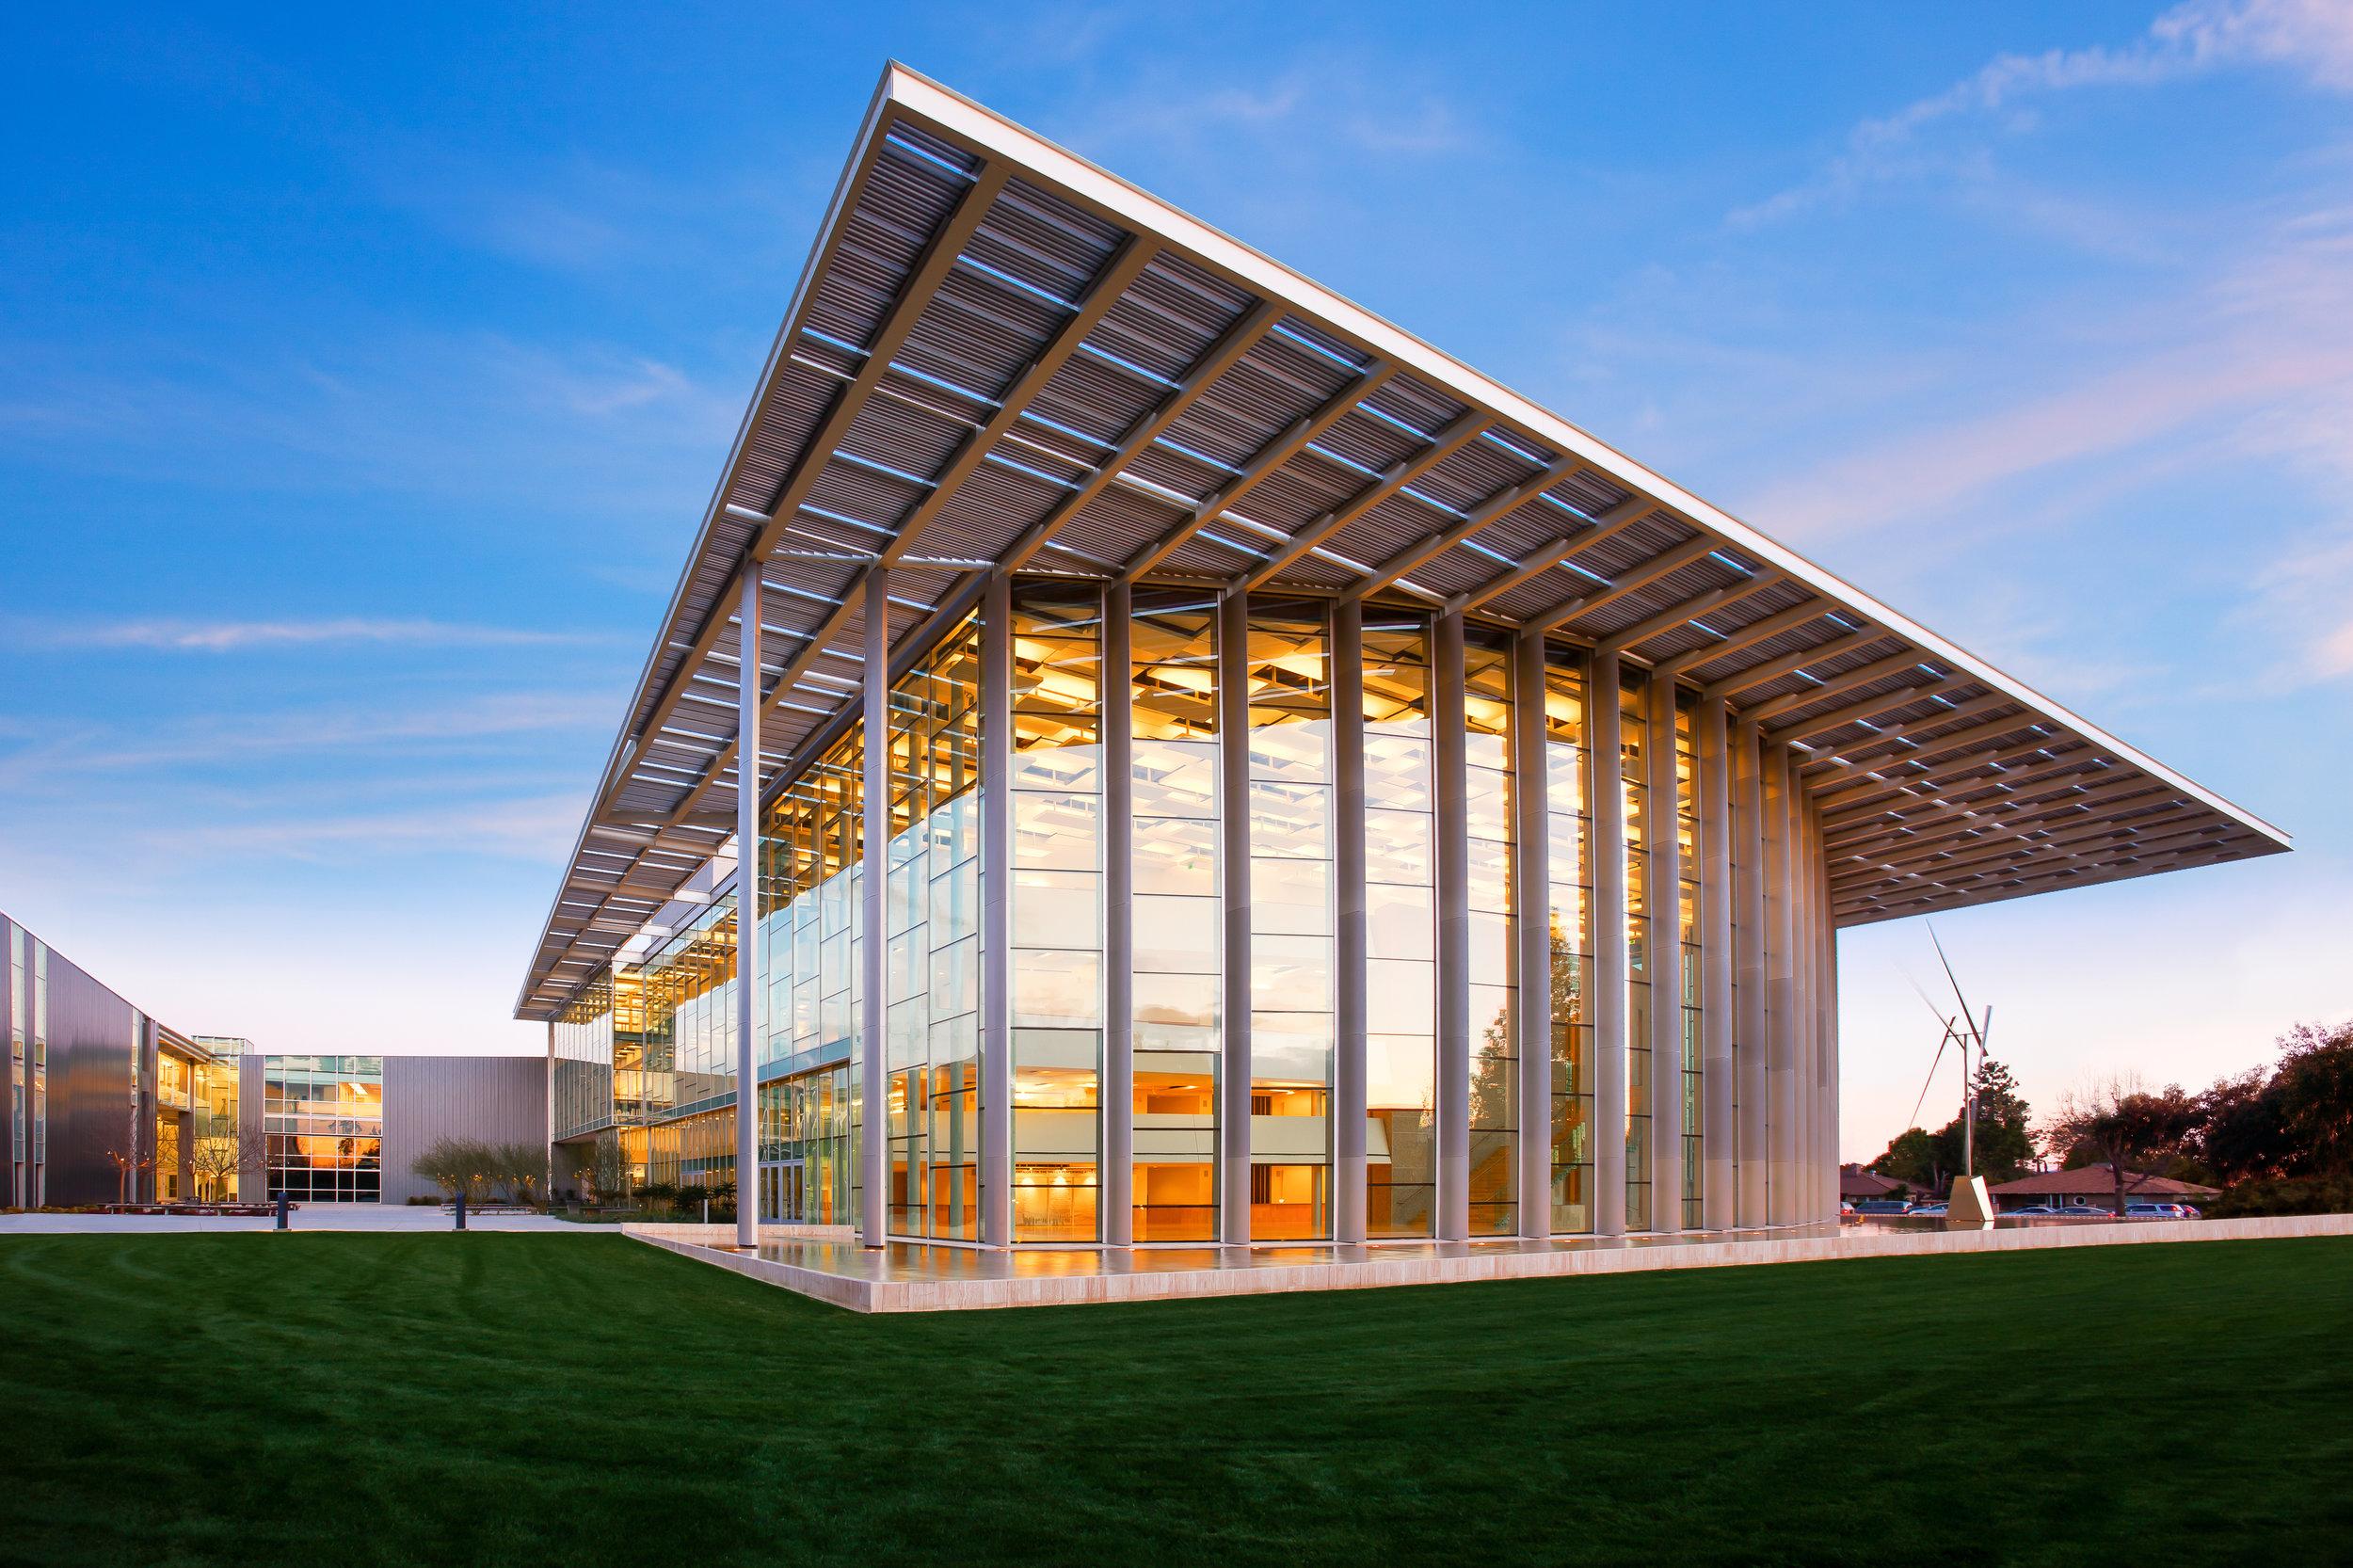 001 Valley Performing Arts Center.jpg